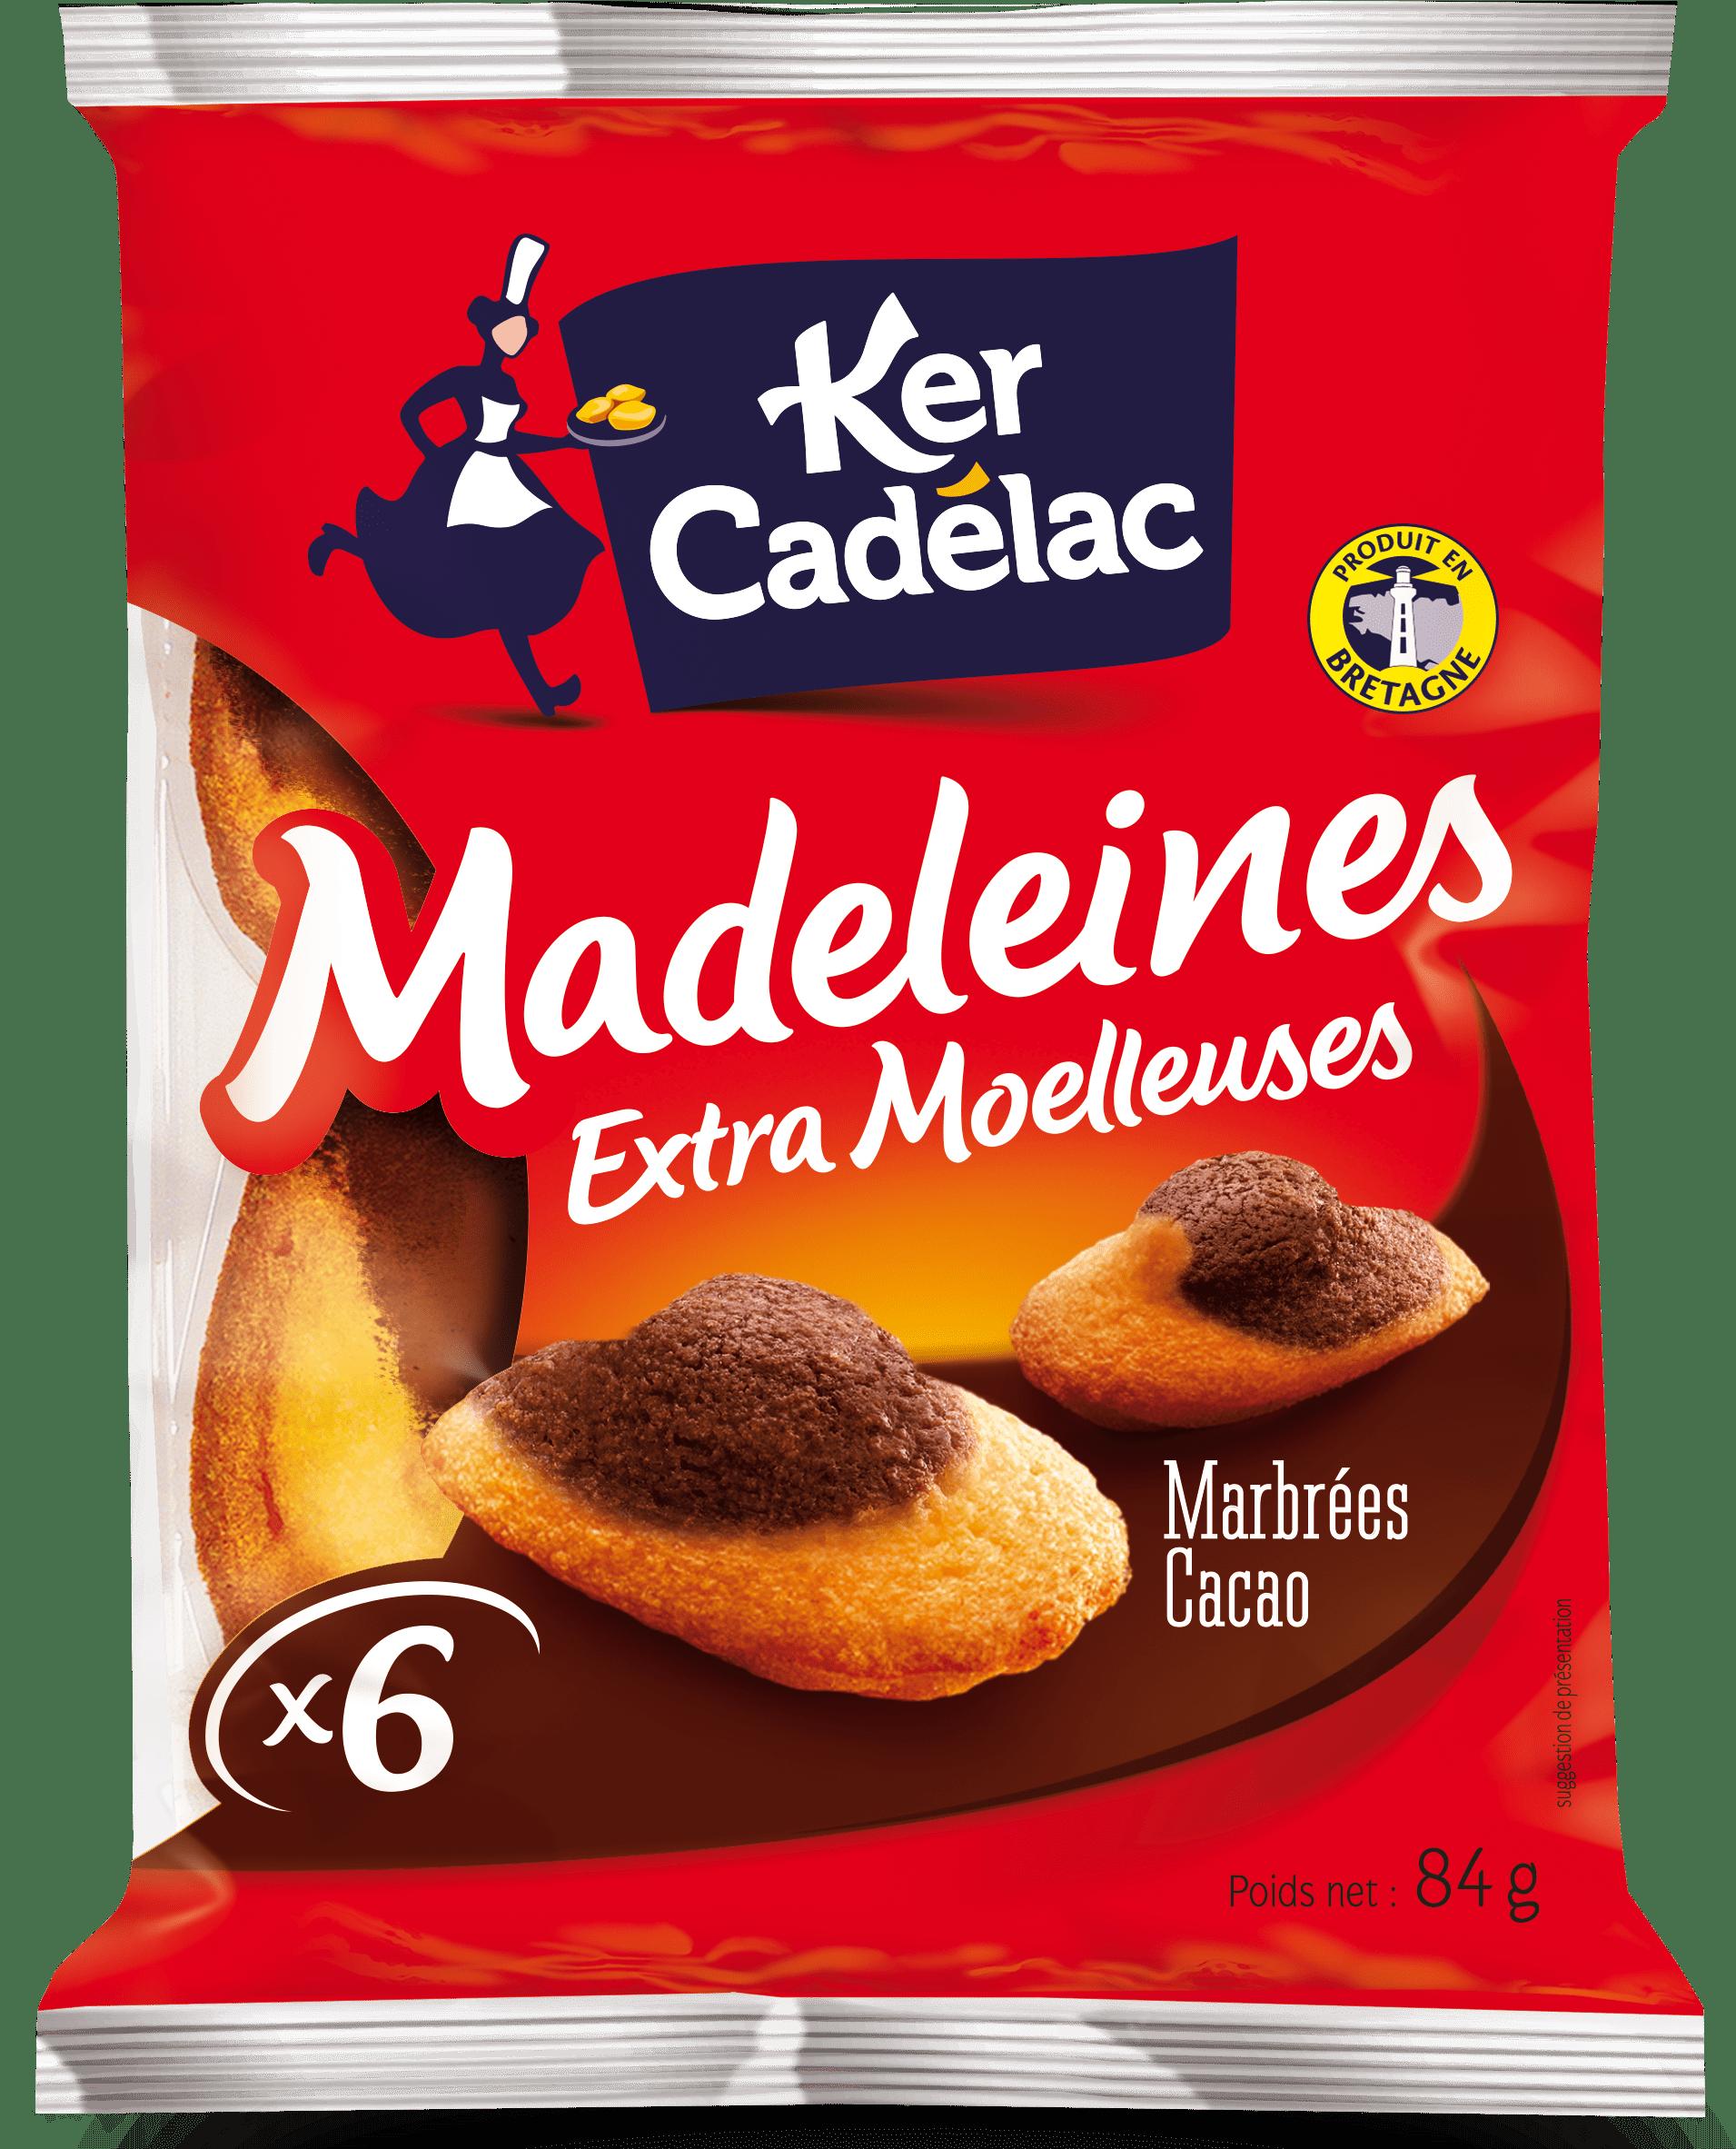 Madeleines Extra Moelleuses marbrées en barquette   Ker Cadélac